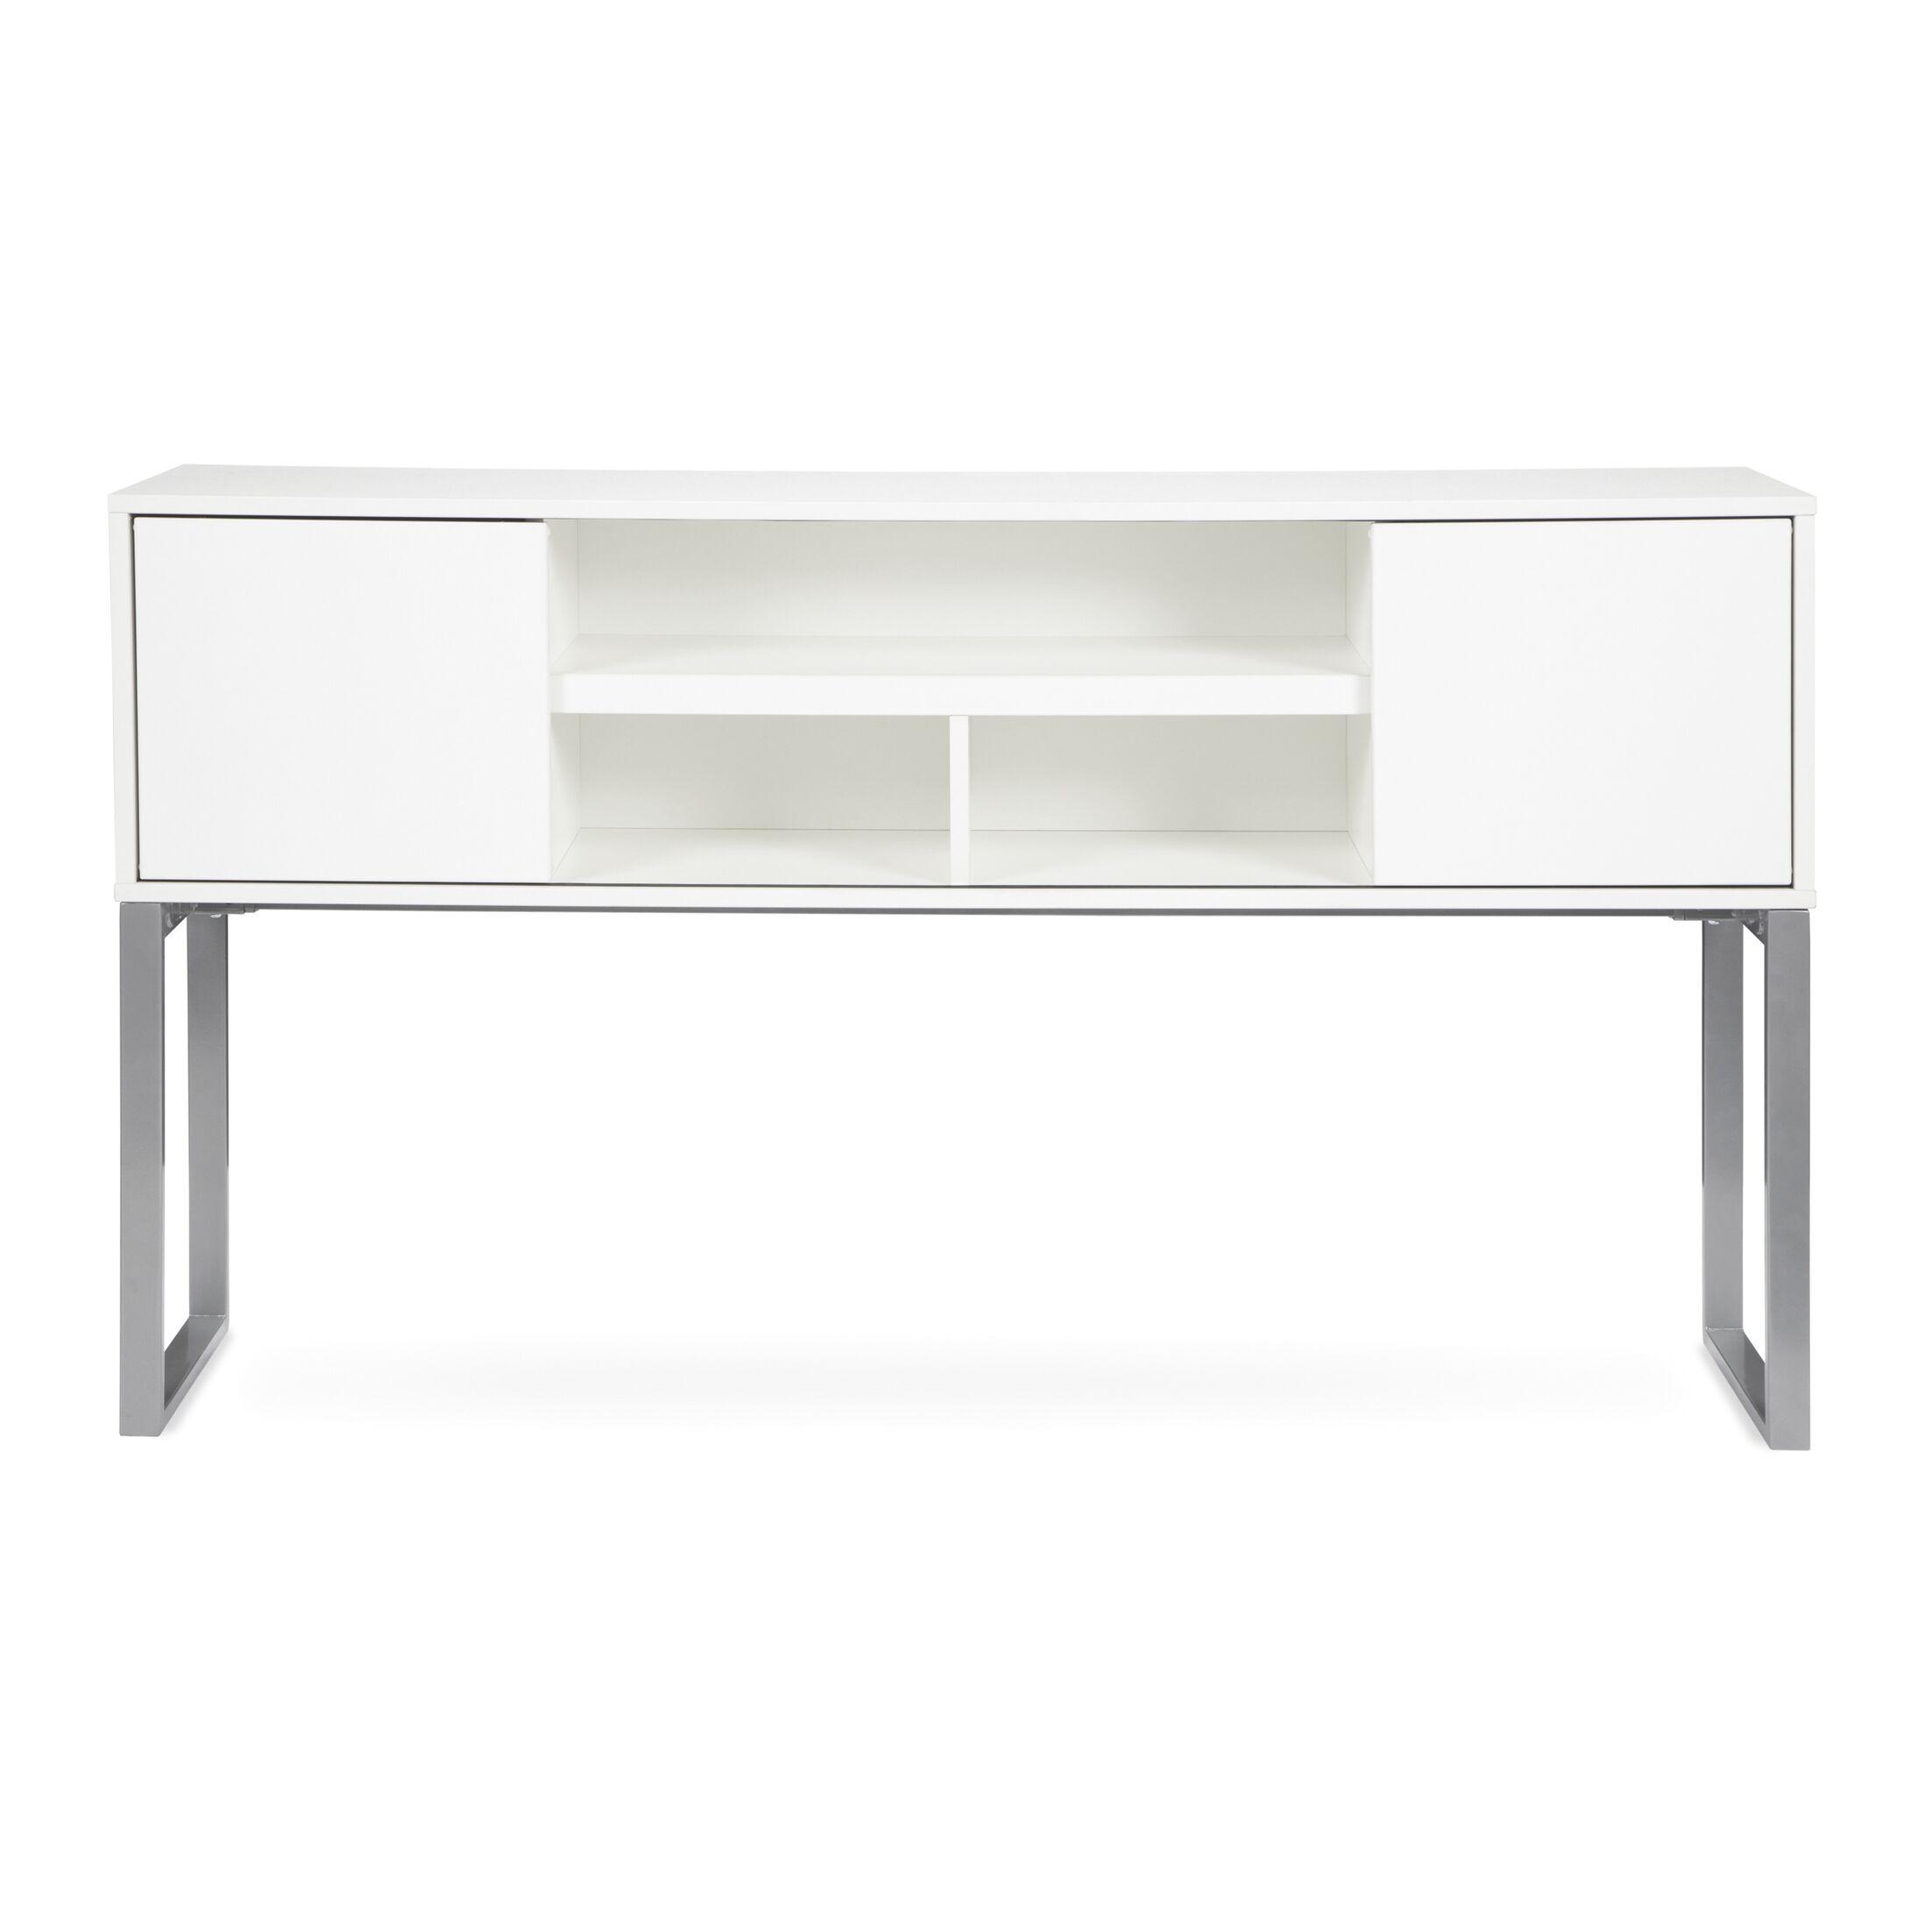 Gerth Desk Hutch for Storage Color: White, Size: 37